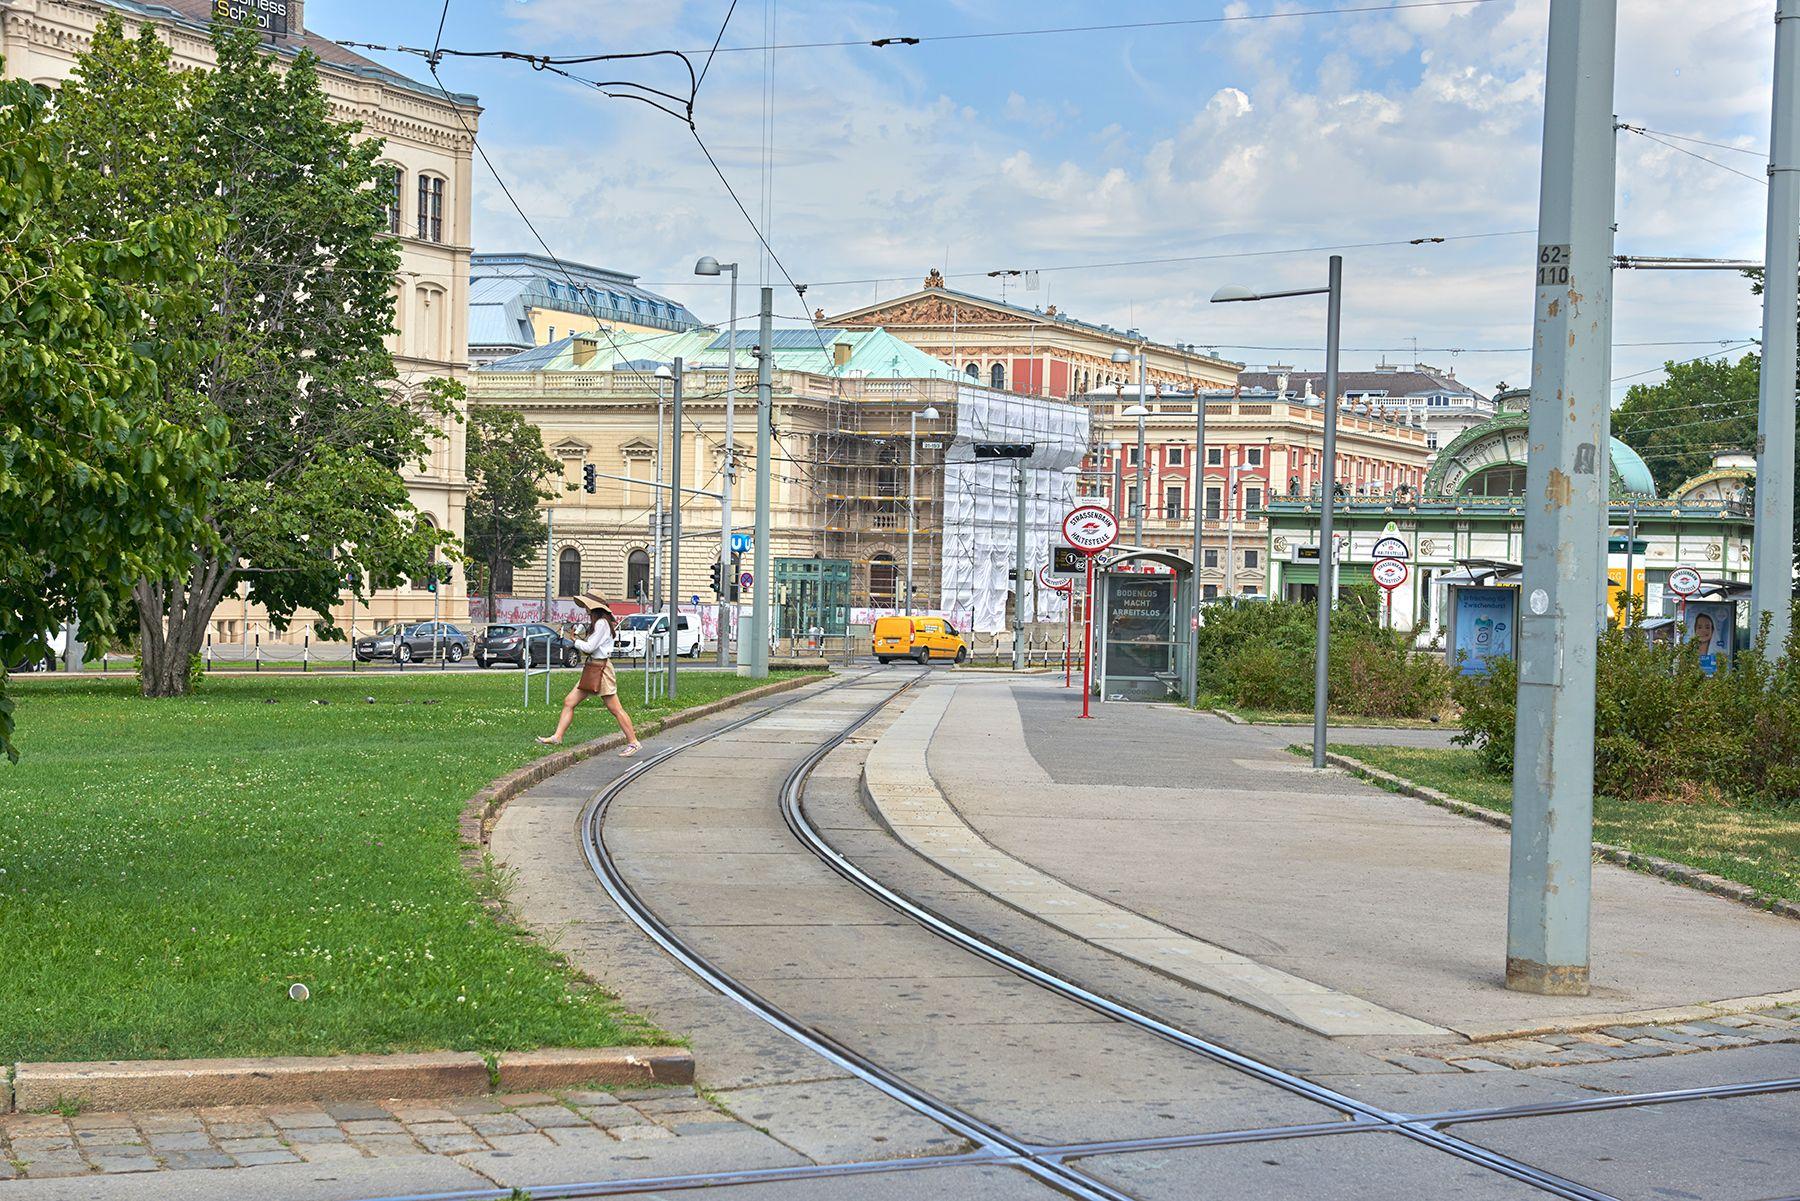 Tranvía (Straßenbahn)